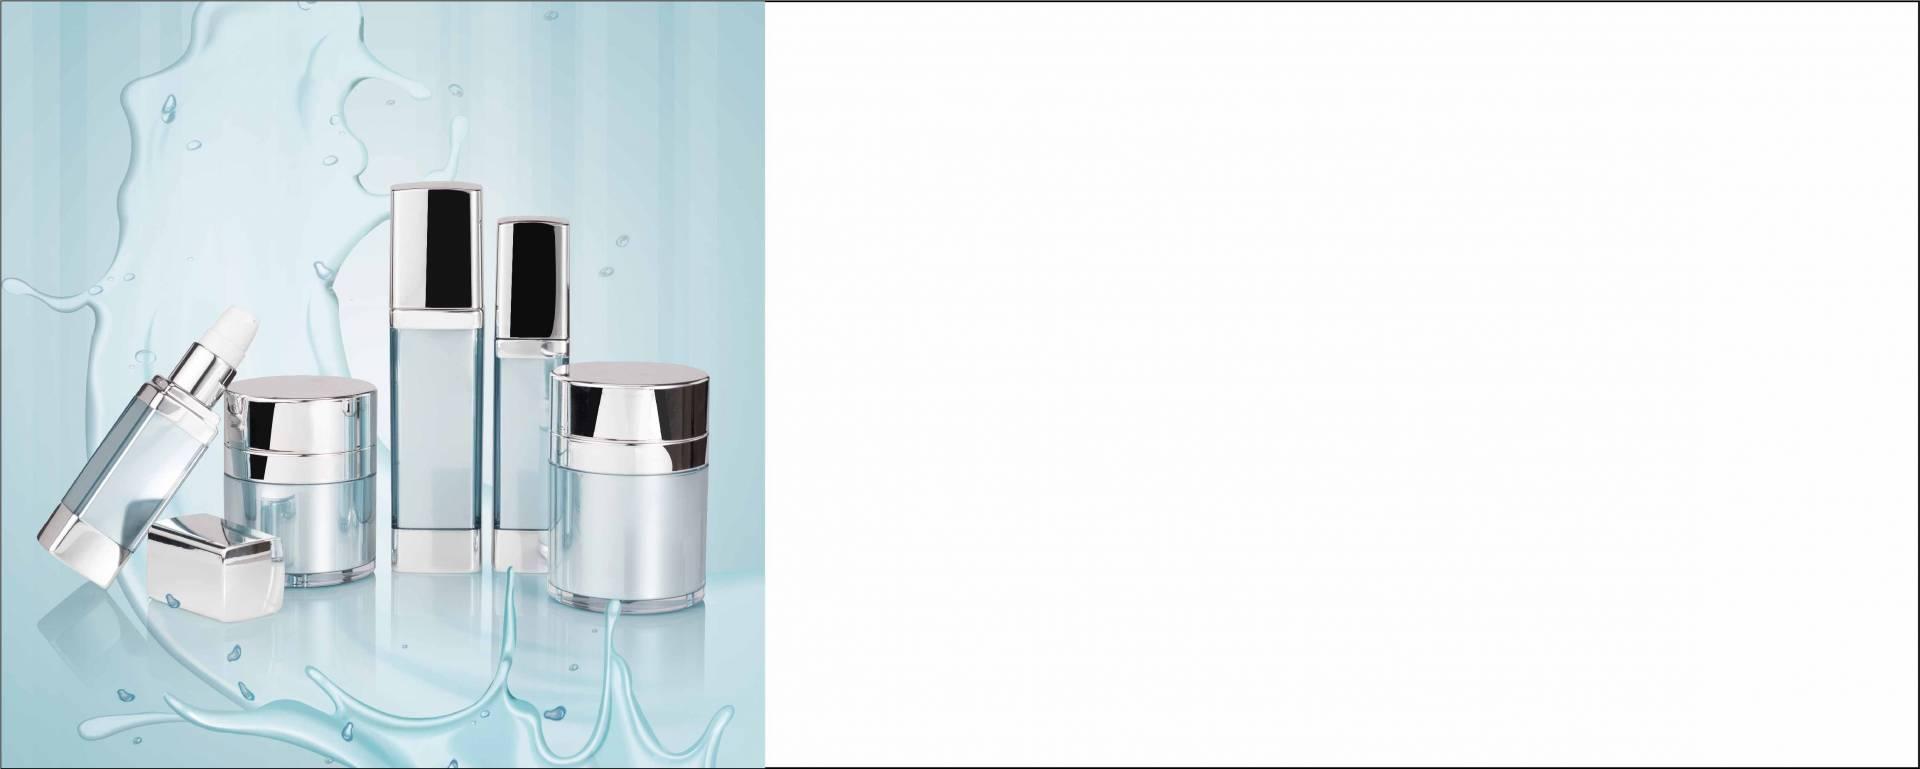 機能的 エアレス スキンケア包装 最高のパフォーマンス エアレス スキンケア製品のボトルとジャー